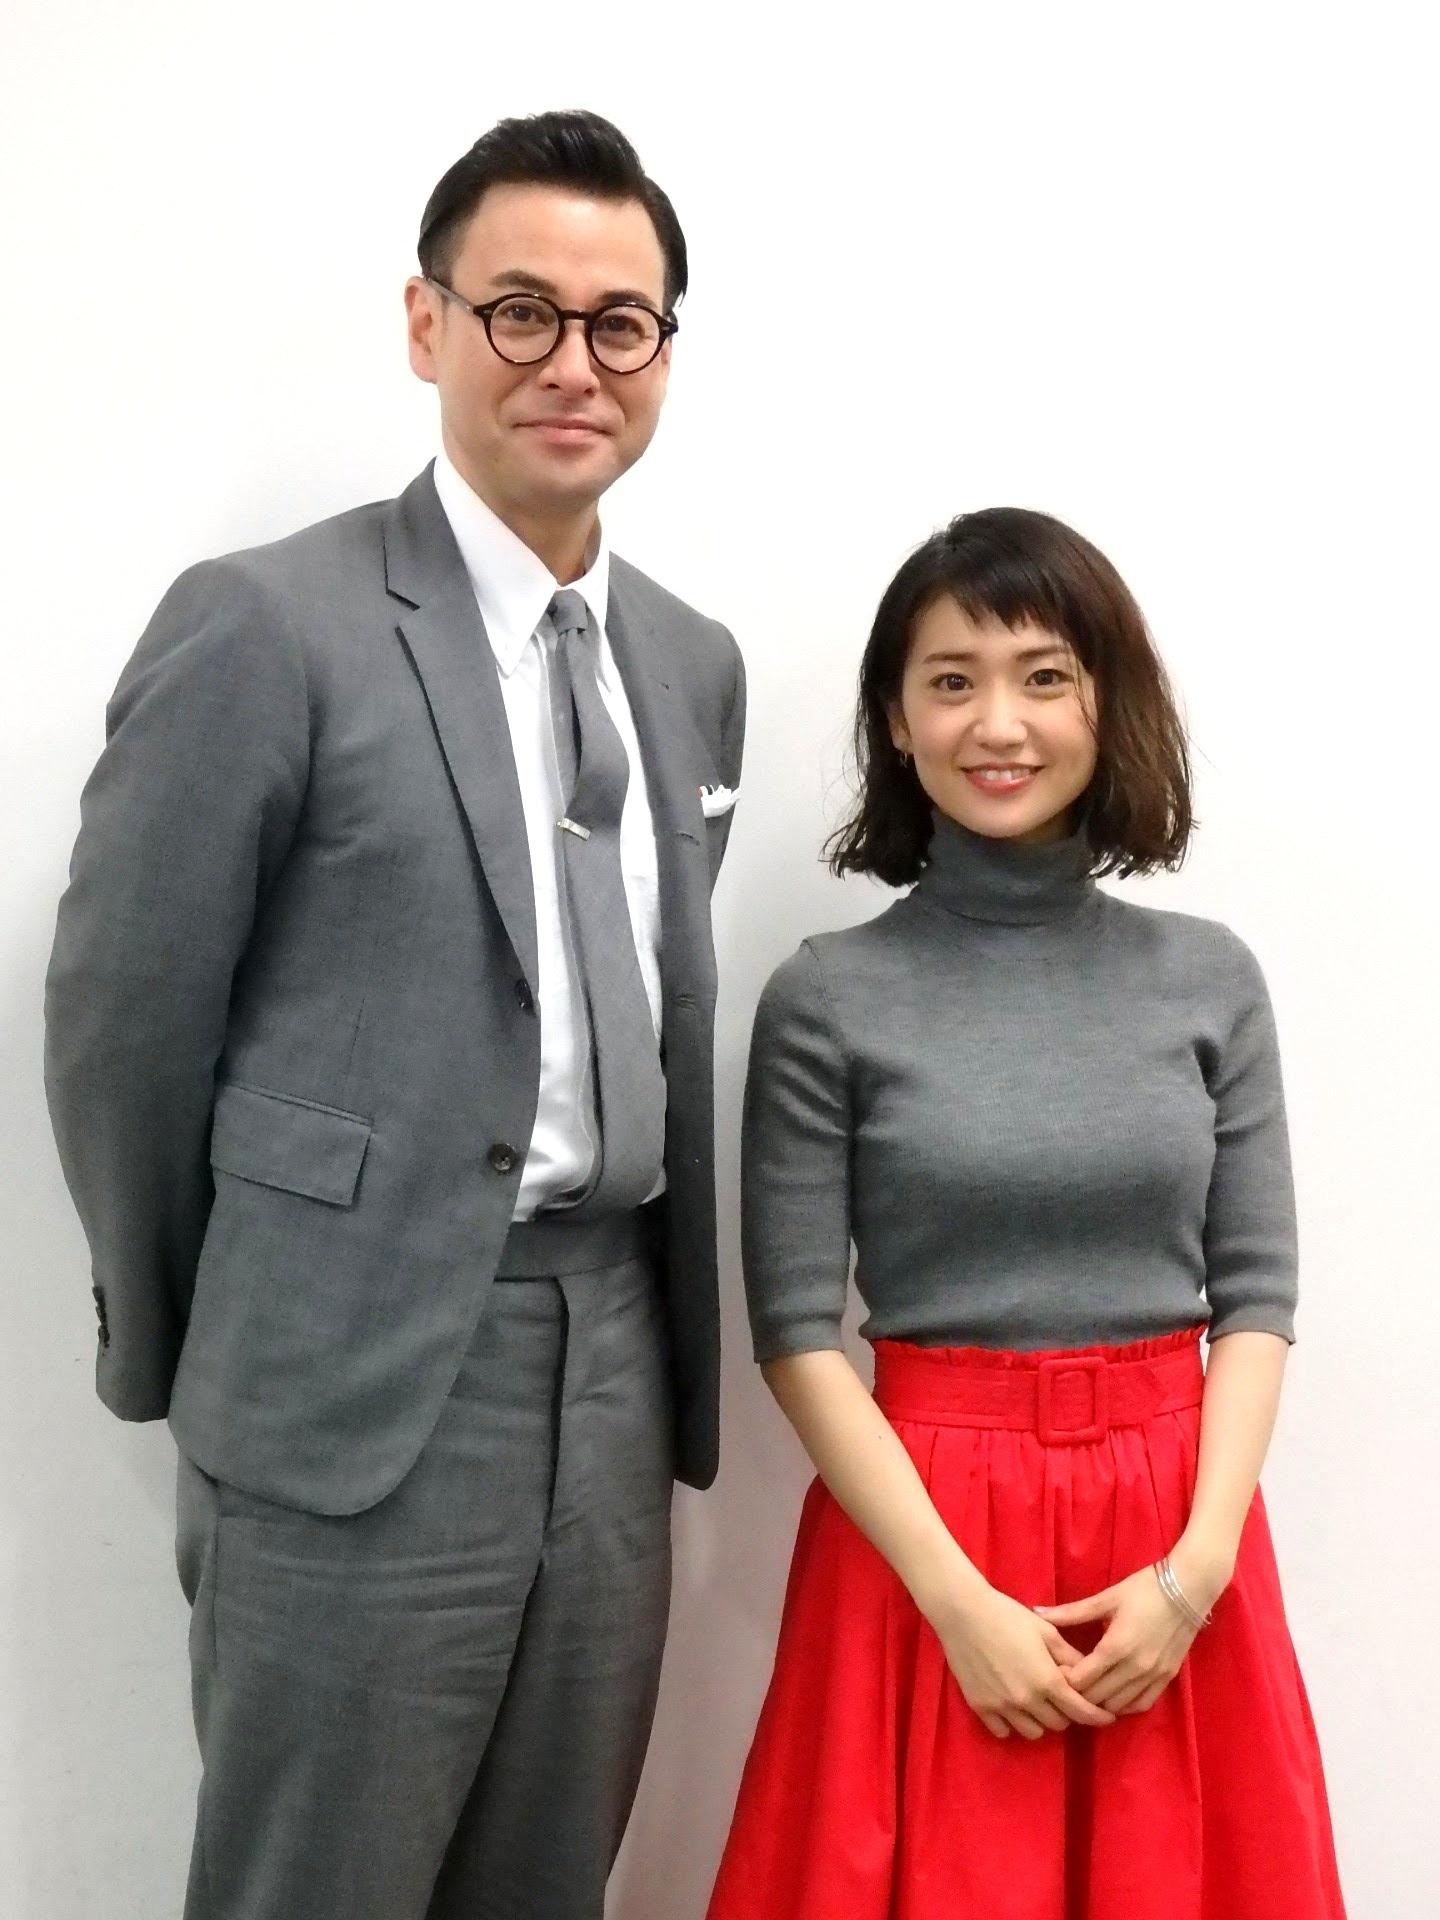 『美幸 ―アンコンディショナルラブ―』出演の鈴木浩介と大島優子